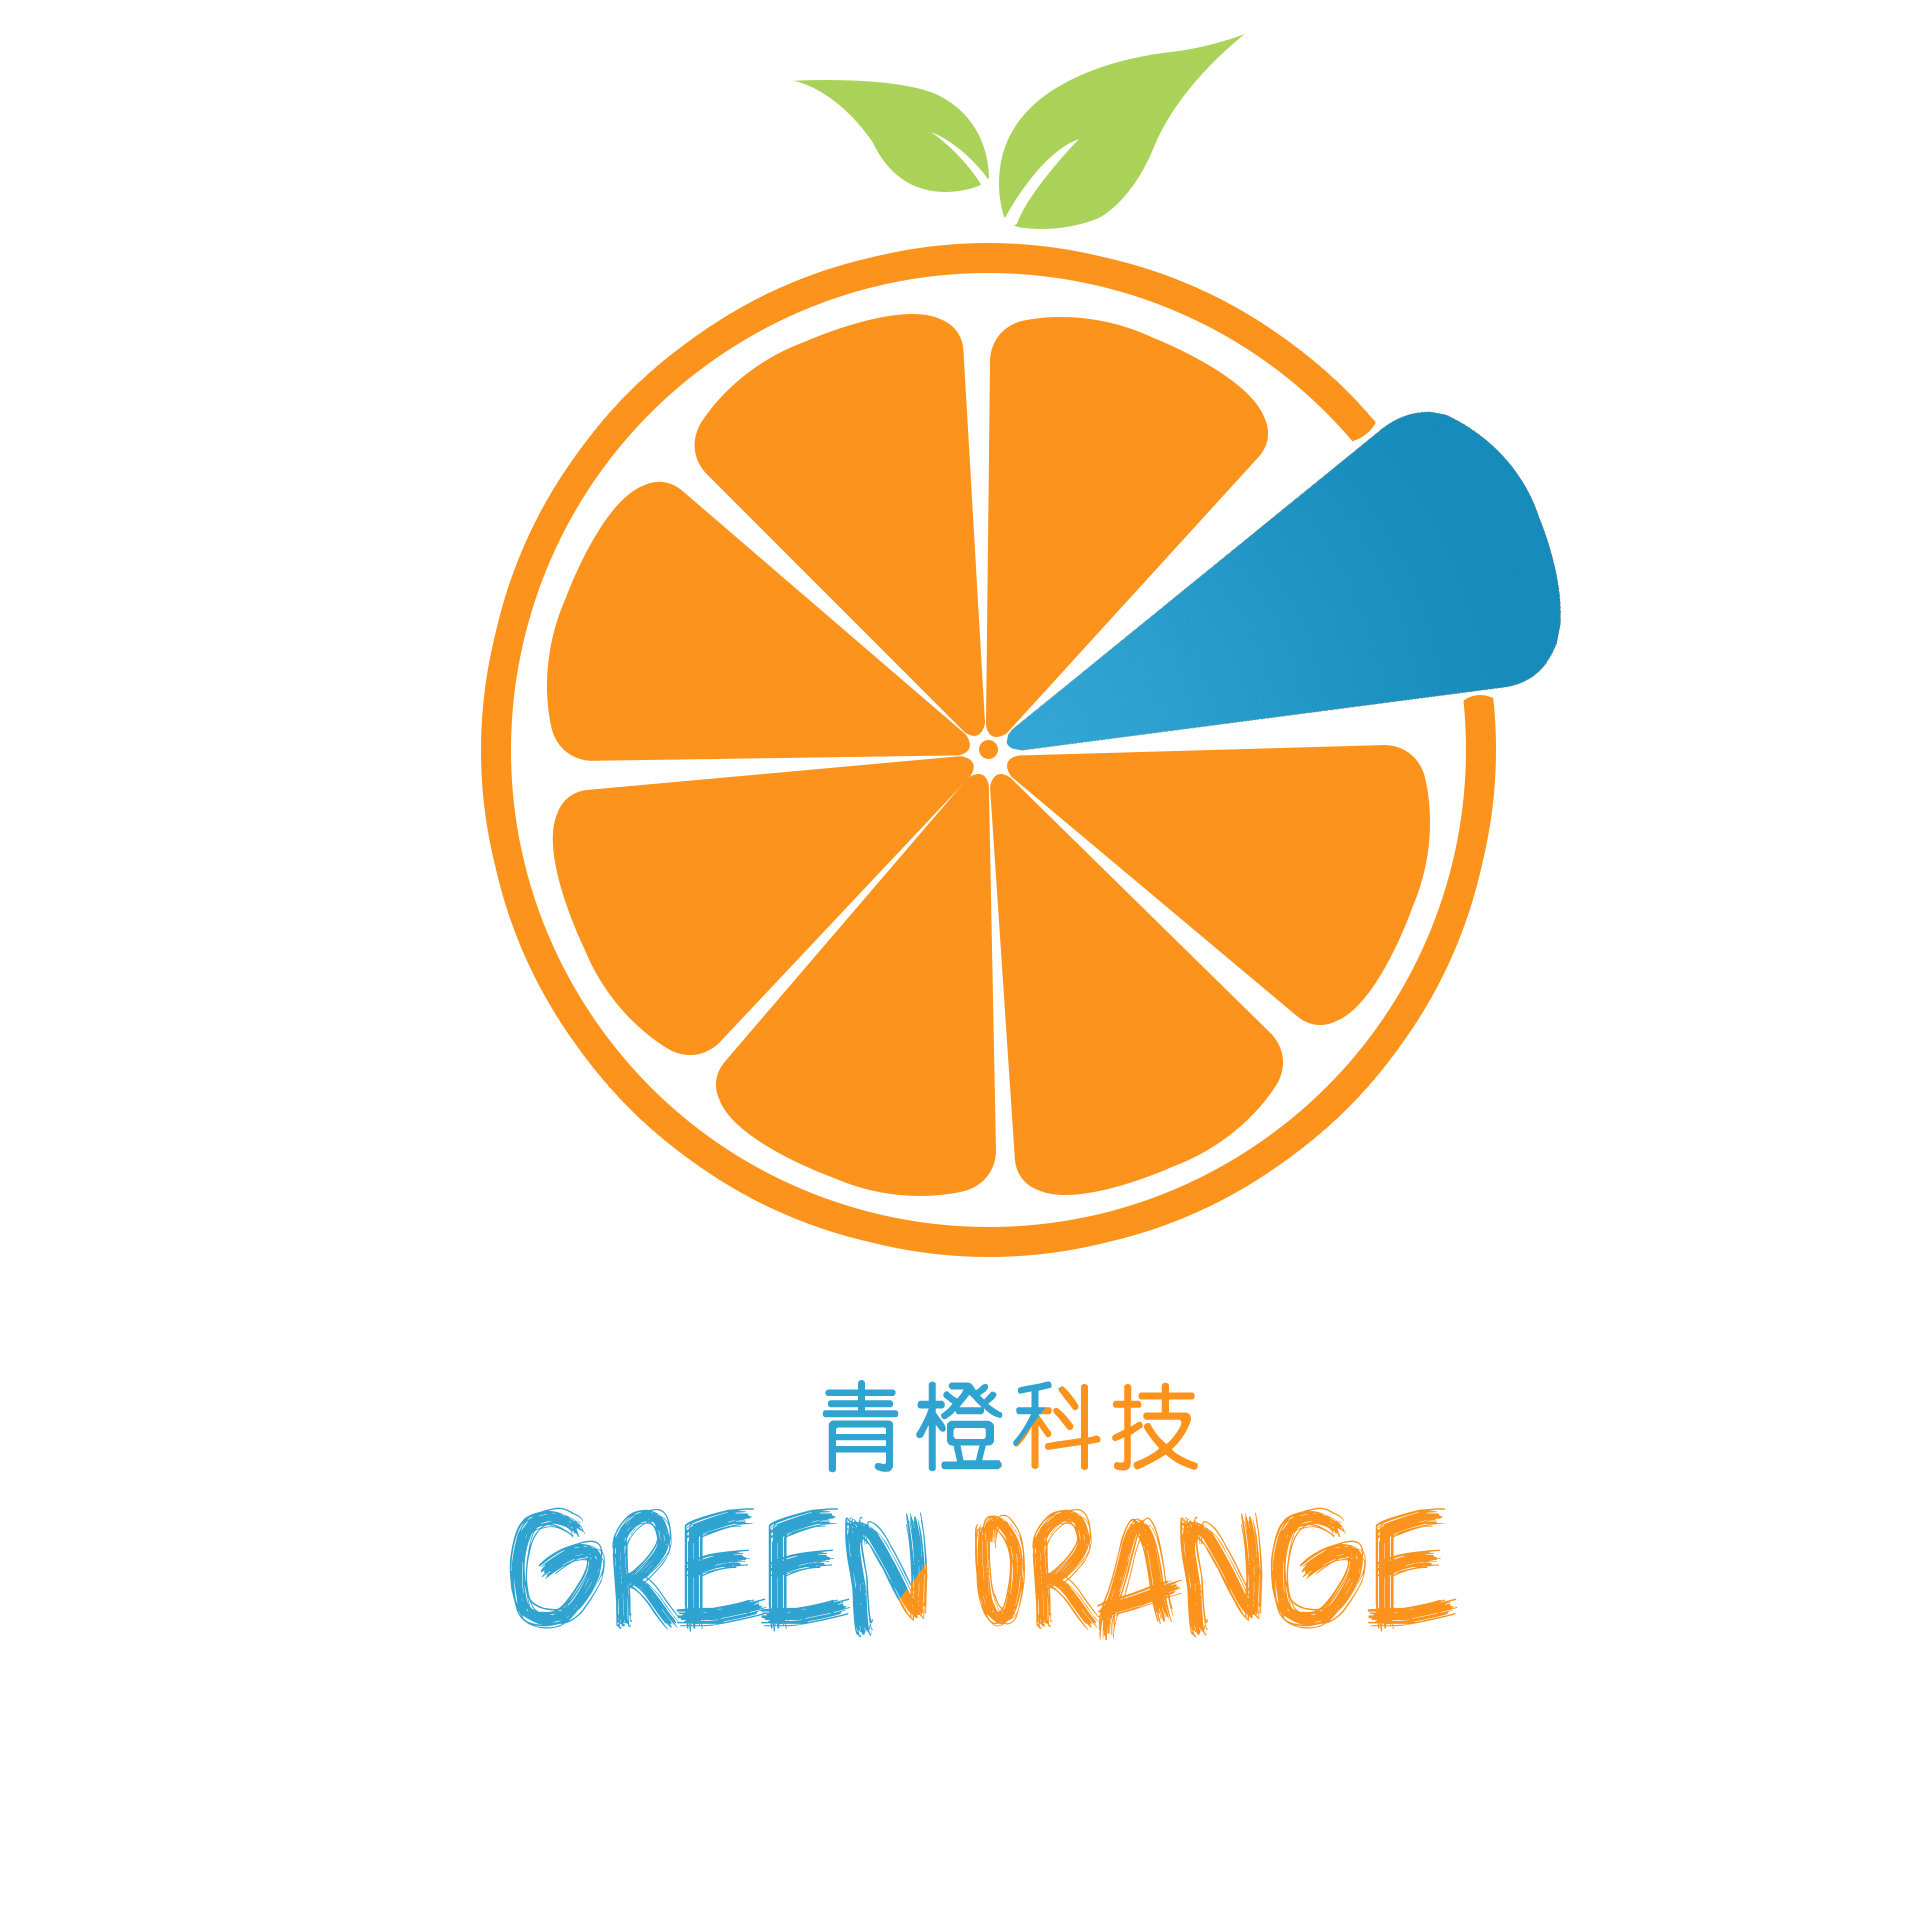 logo logo 标志 设计 矢量 矢量图 素材 图标 1920_1920